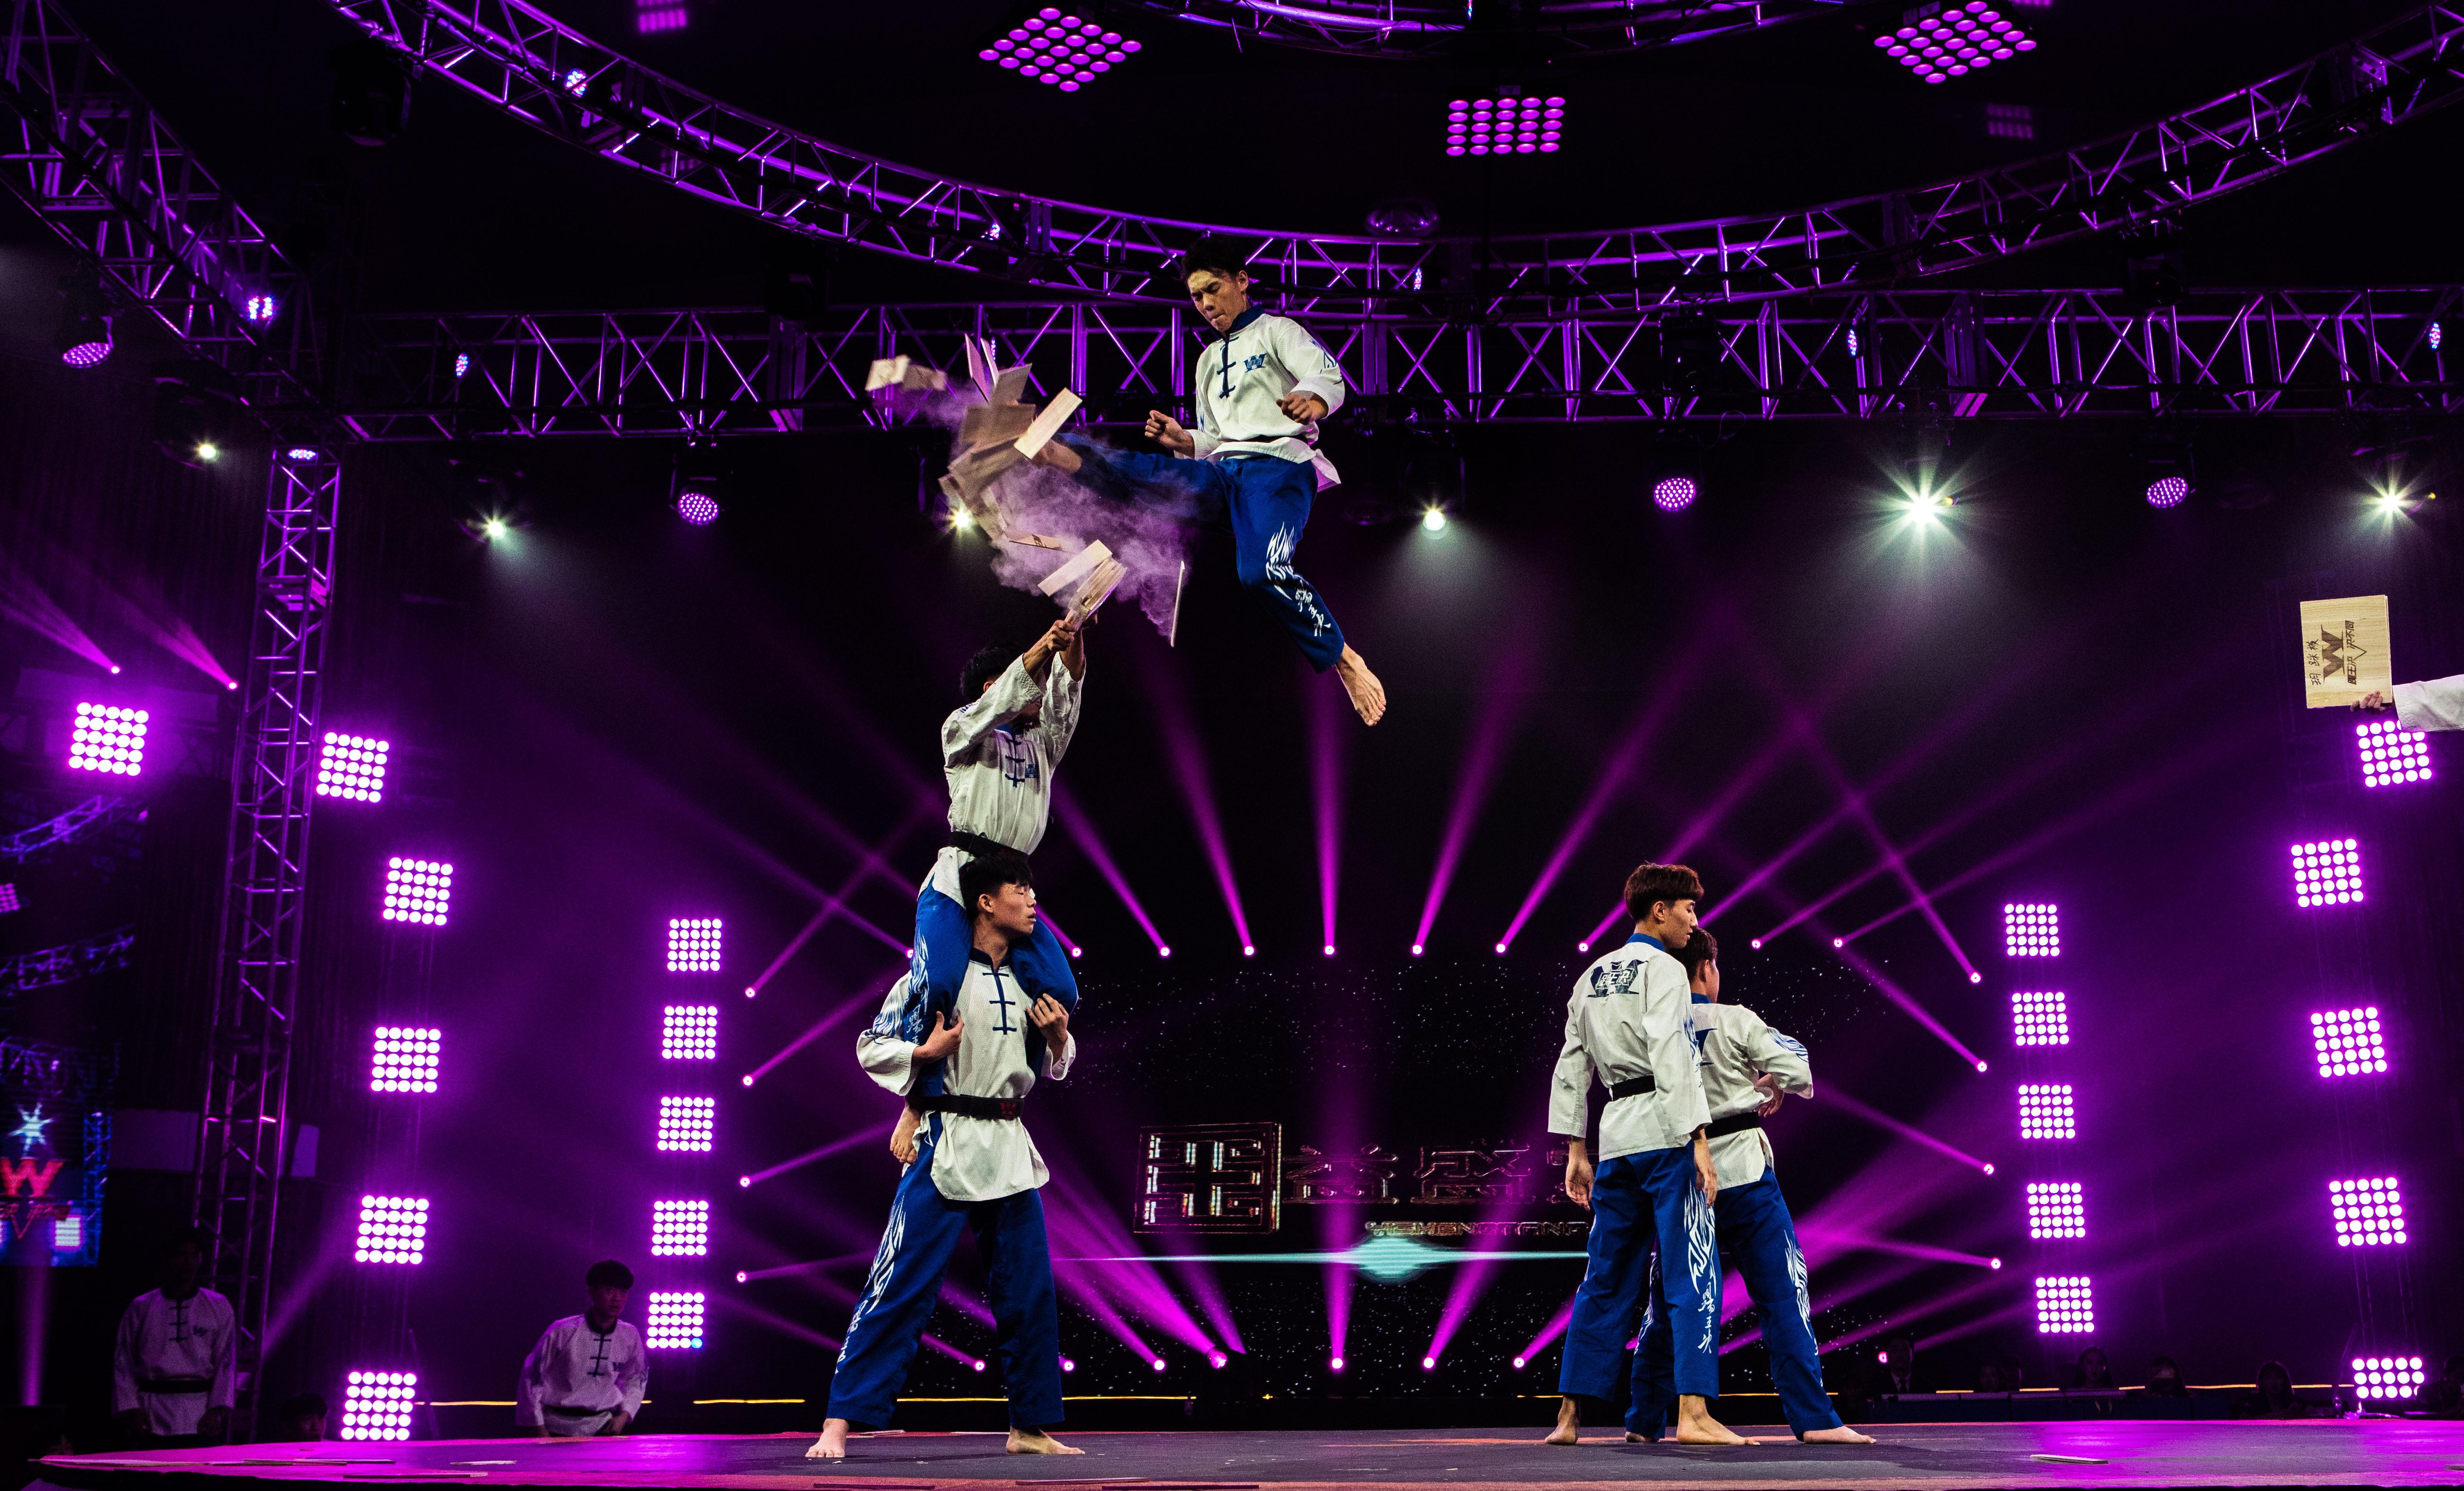 2018年8月16日踢王决年度总决赛 - 直播[视频] Tae One Fight